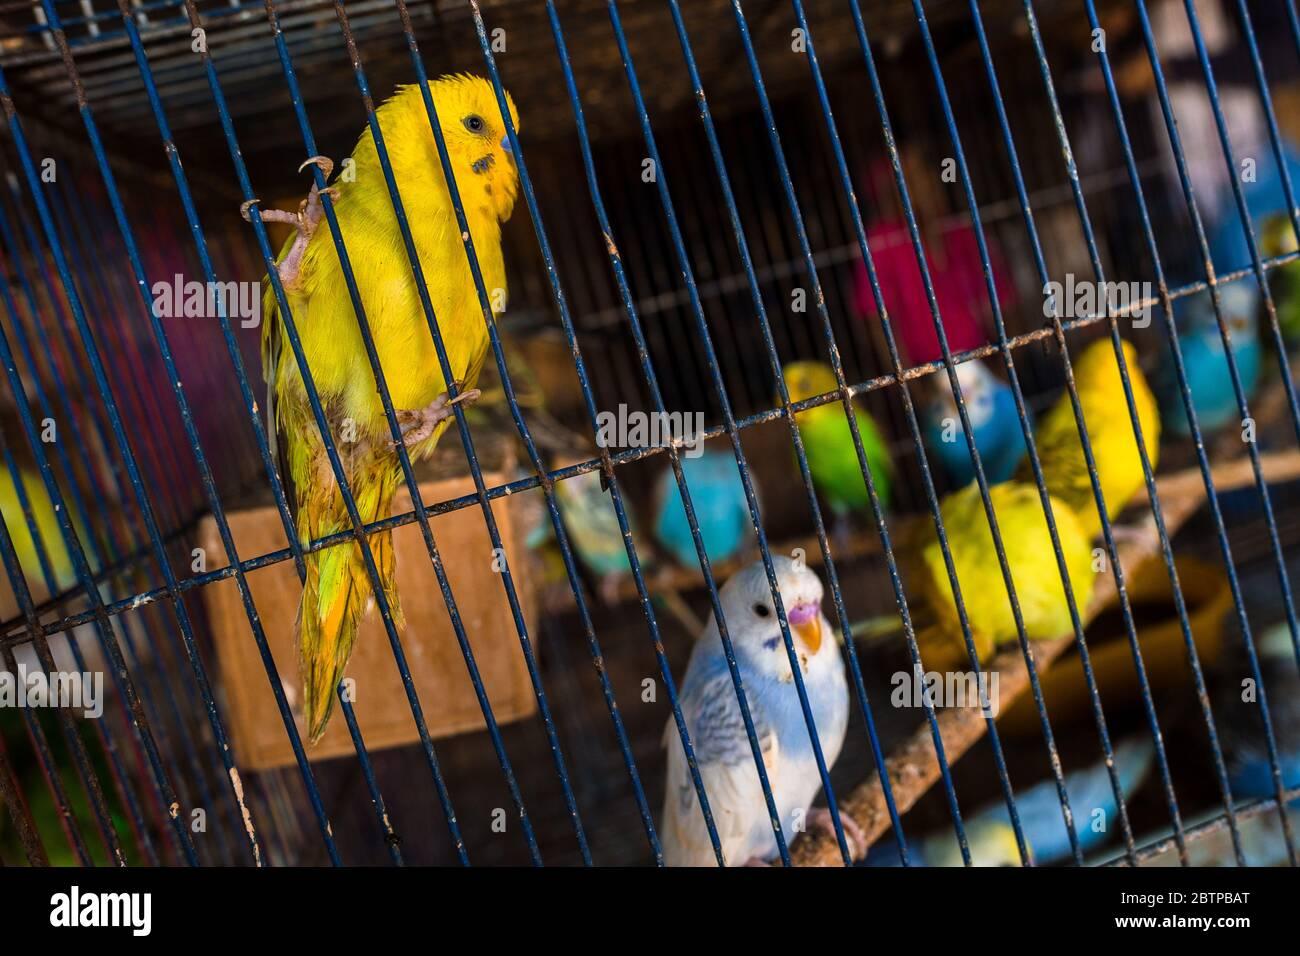 Des oiseaux de compagnie (perroquets de bourgegerigar) sont vus à l'intérieur d'une cage à oiseaux dans le marché des oiseaux à Barranquilla, Colombie. Banque D'Images